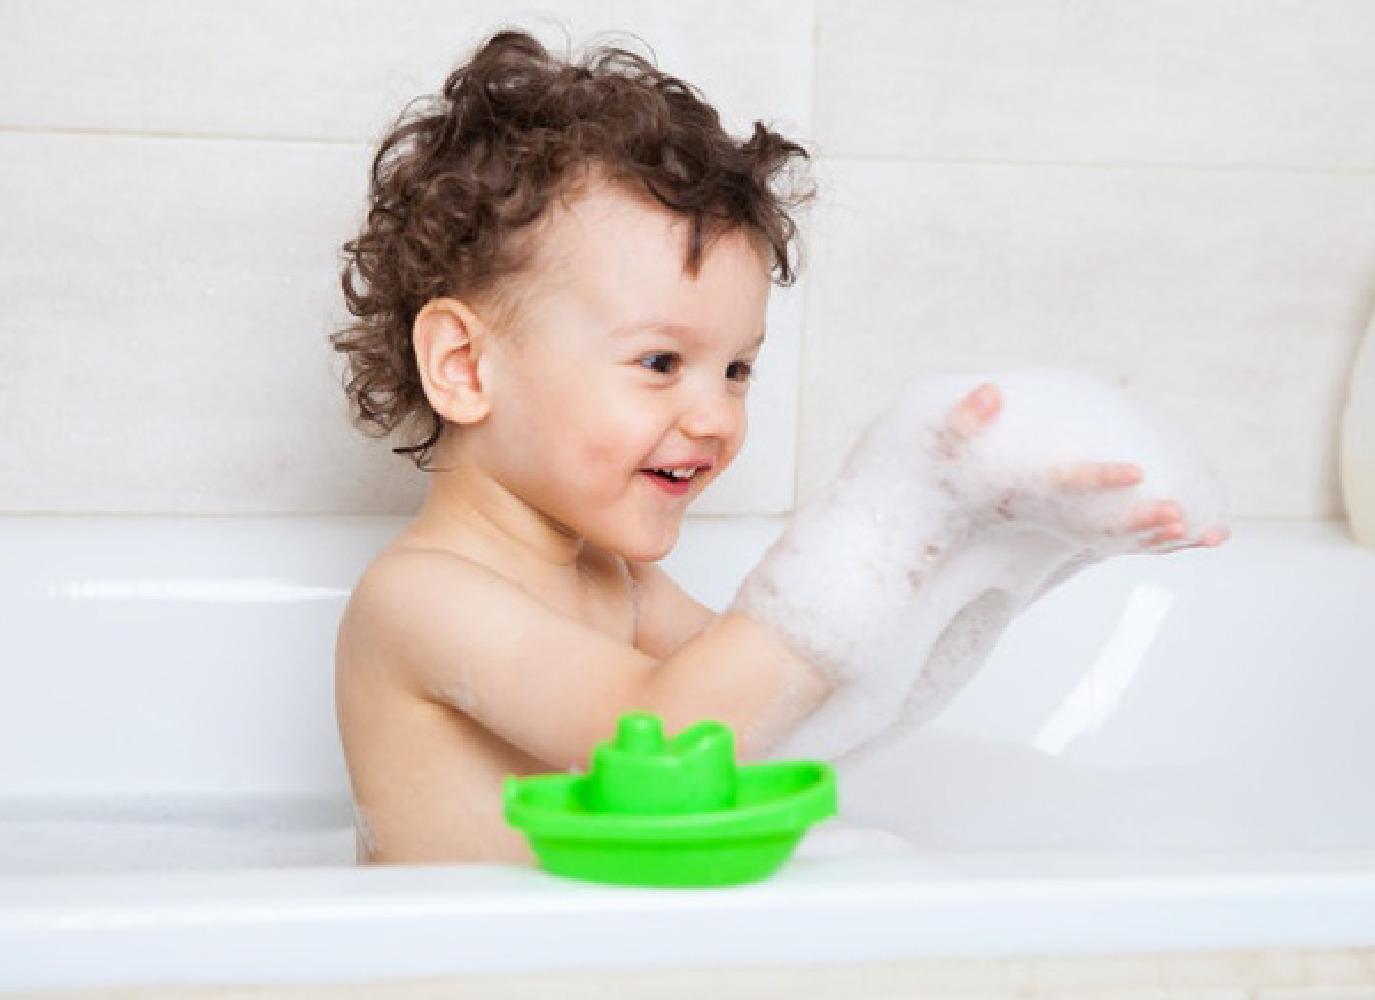 Tiêu chí chọn mua sữa tắm cho bé an toàn và chất lượng